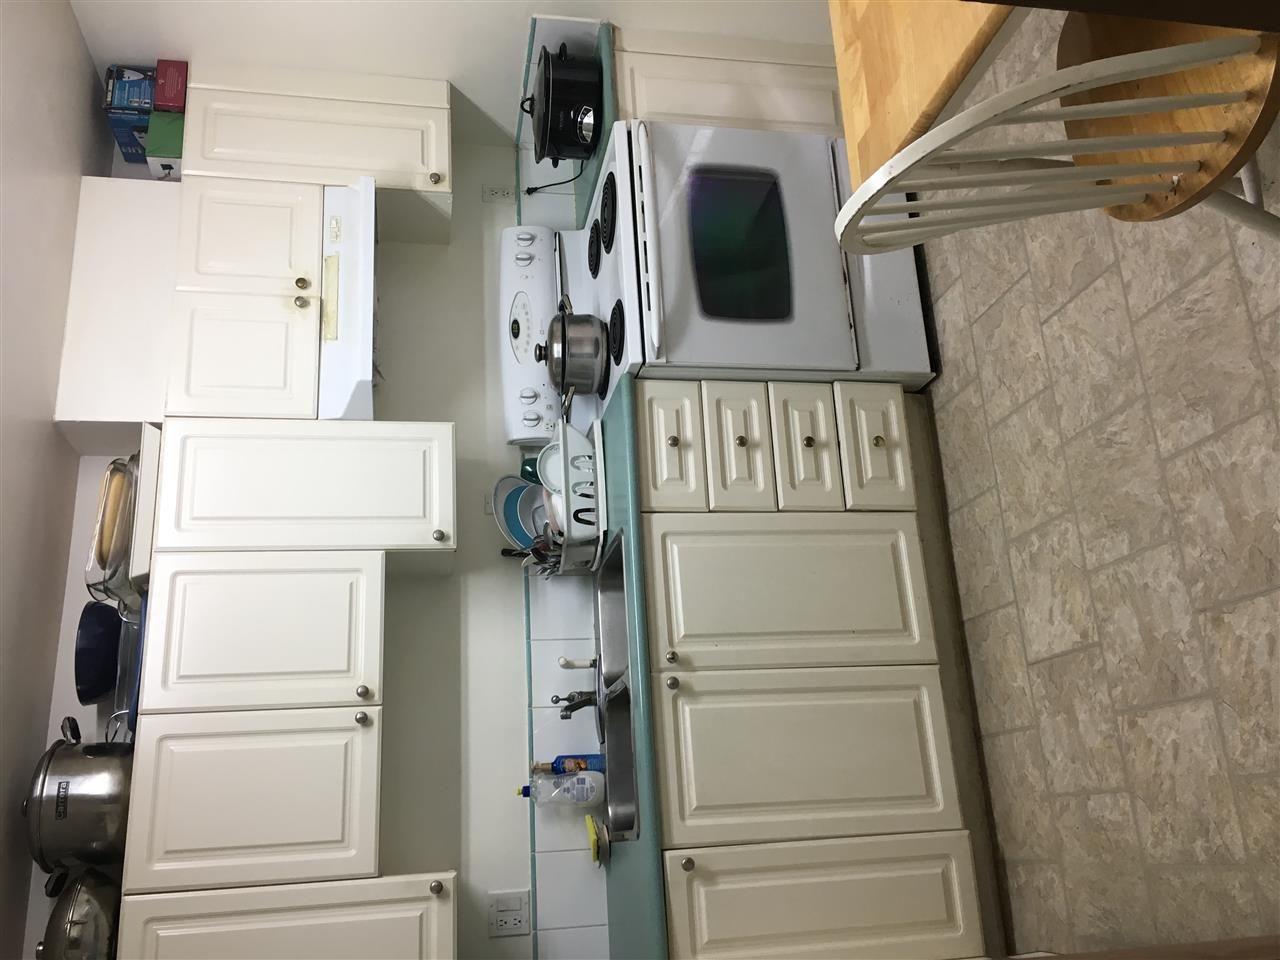 Photo 11: Photos: 106 15150 108TH AVENUE in Surrey: Bolivar Heights Condo for sale (North Surrey)  : MLS®# R2148396